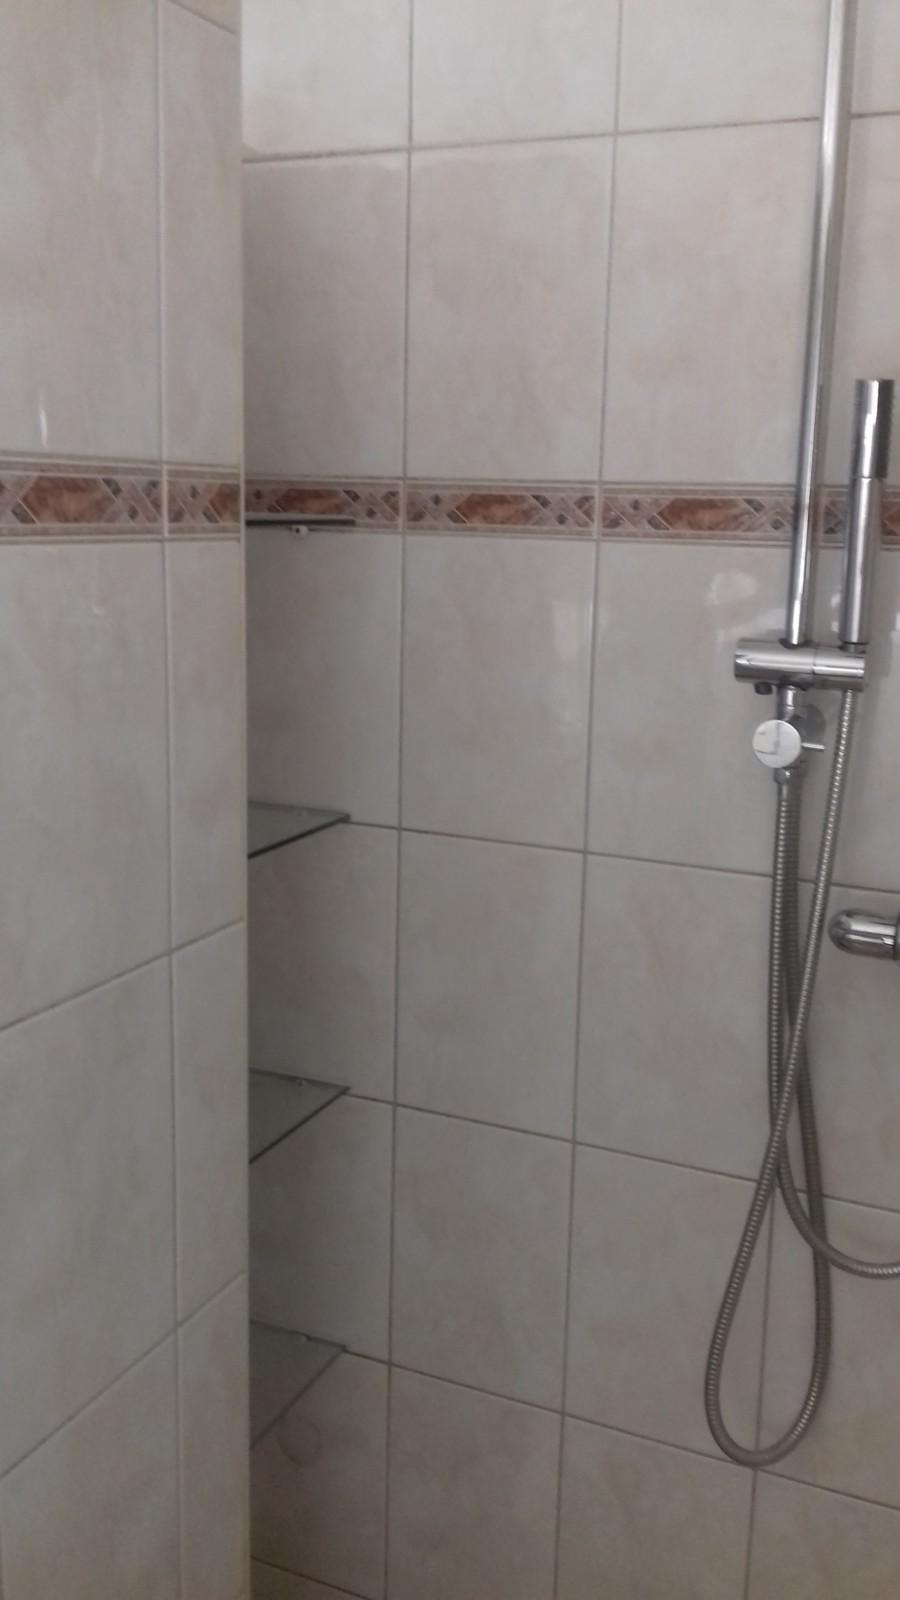 https://backend.klussenier.net/images/profiles/351357/document/16555-badkamer-en-toilet-renovatie-zwolle.jpg